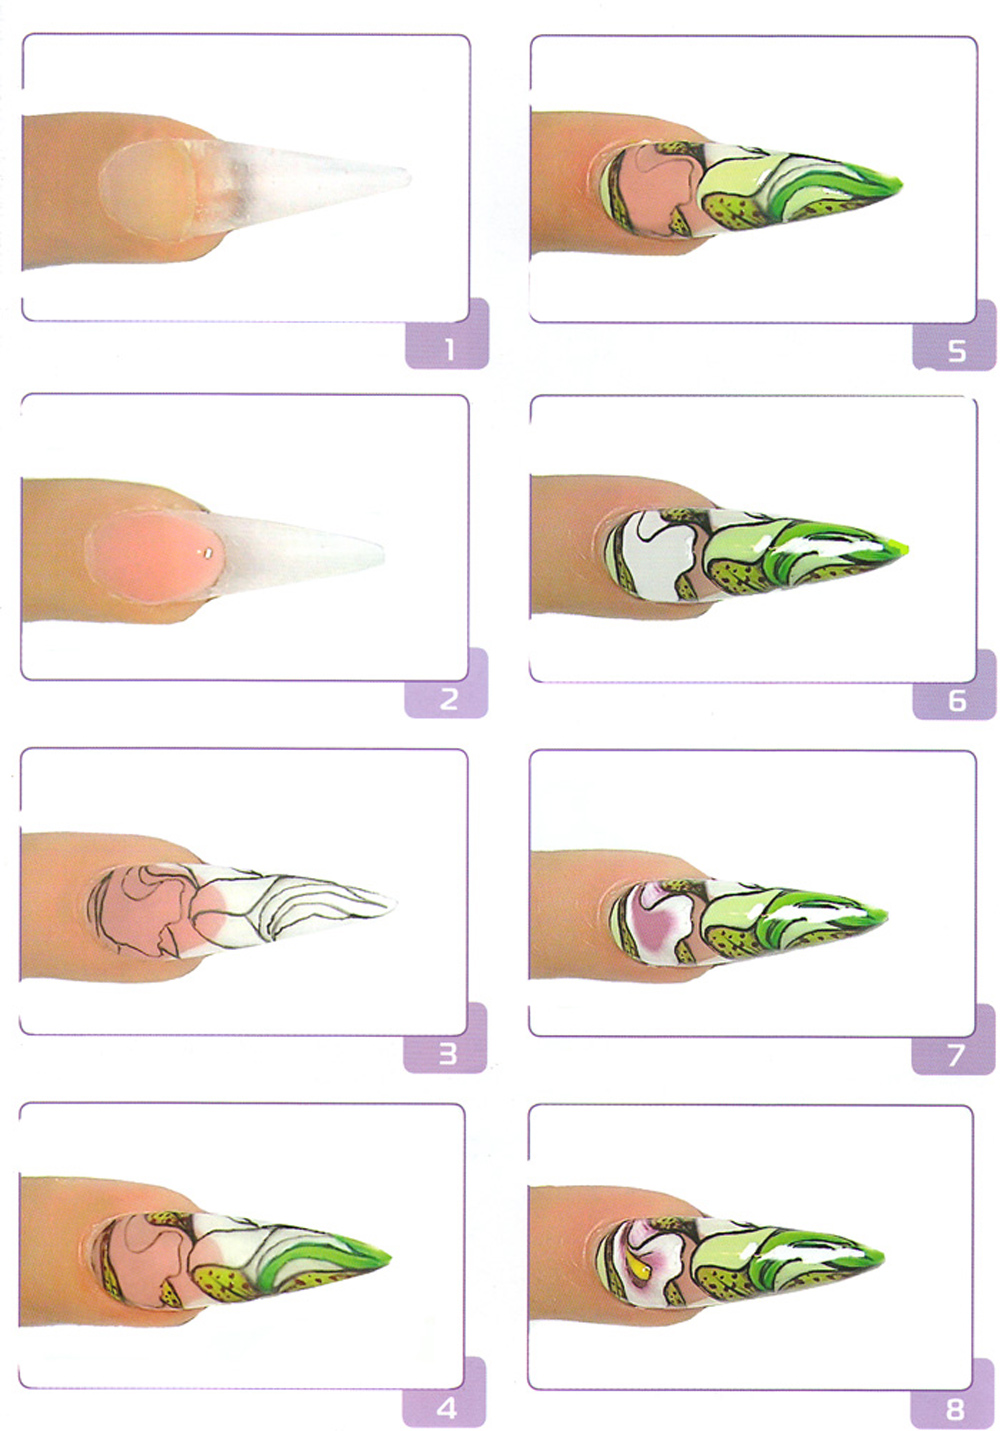 Схемы рисунков на ногтях иголкой для начинающих пошаговое фото